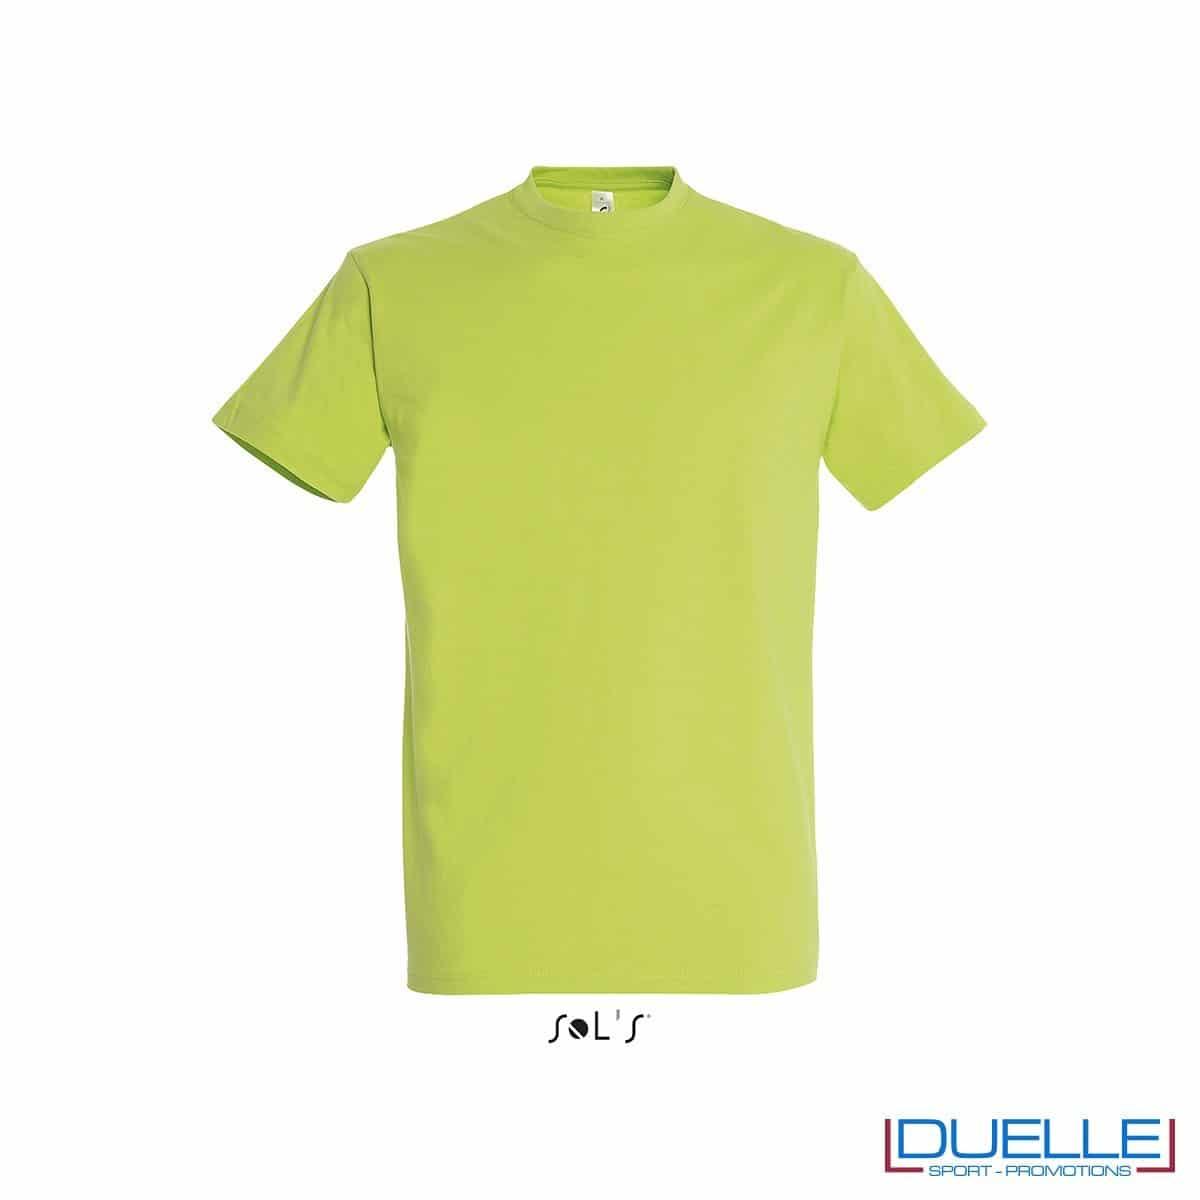 T-shirt promozionale in cotone pesante colore verde mela personalizzata con ricamo o stampa